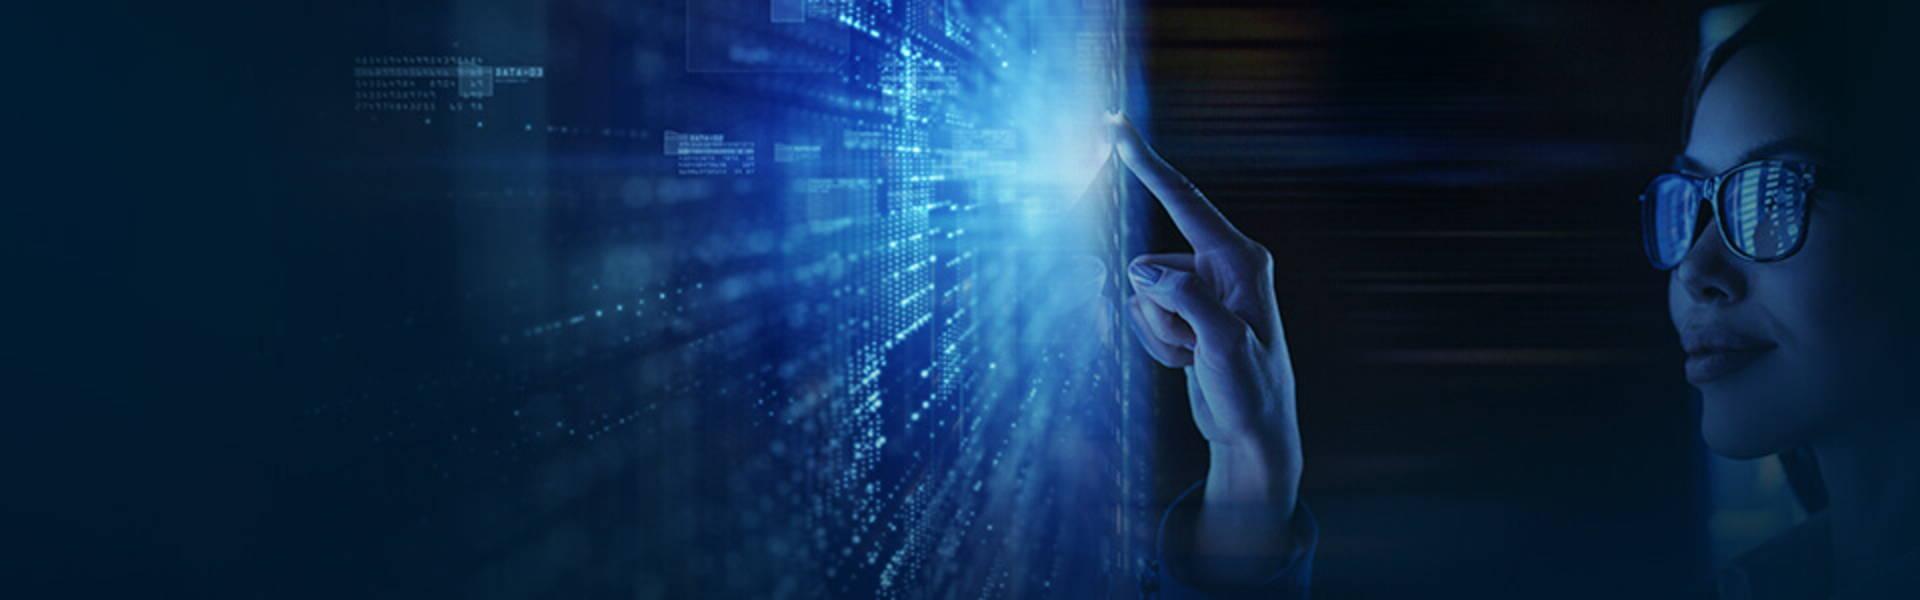 ระบบป้องกันการโจมตีแบบ DDoS ขั้นสูง